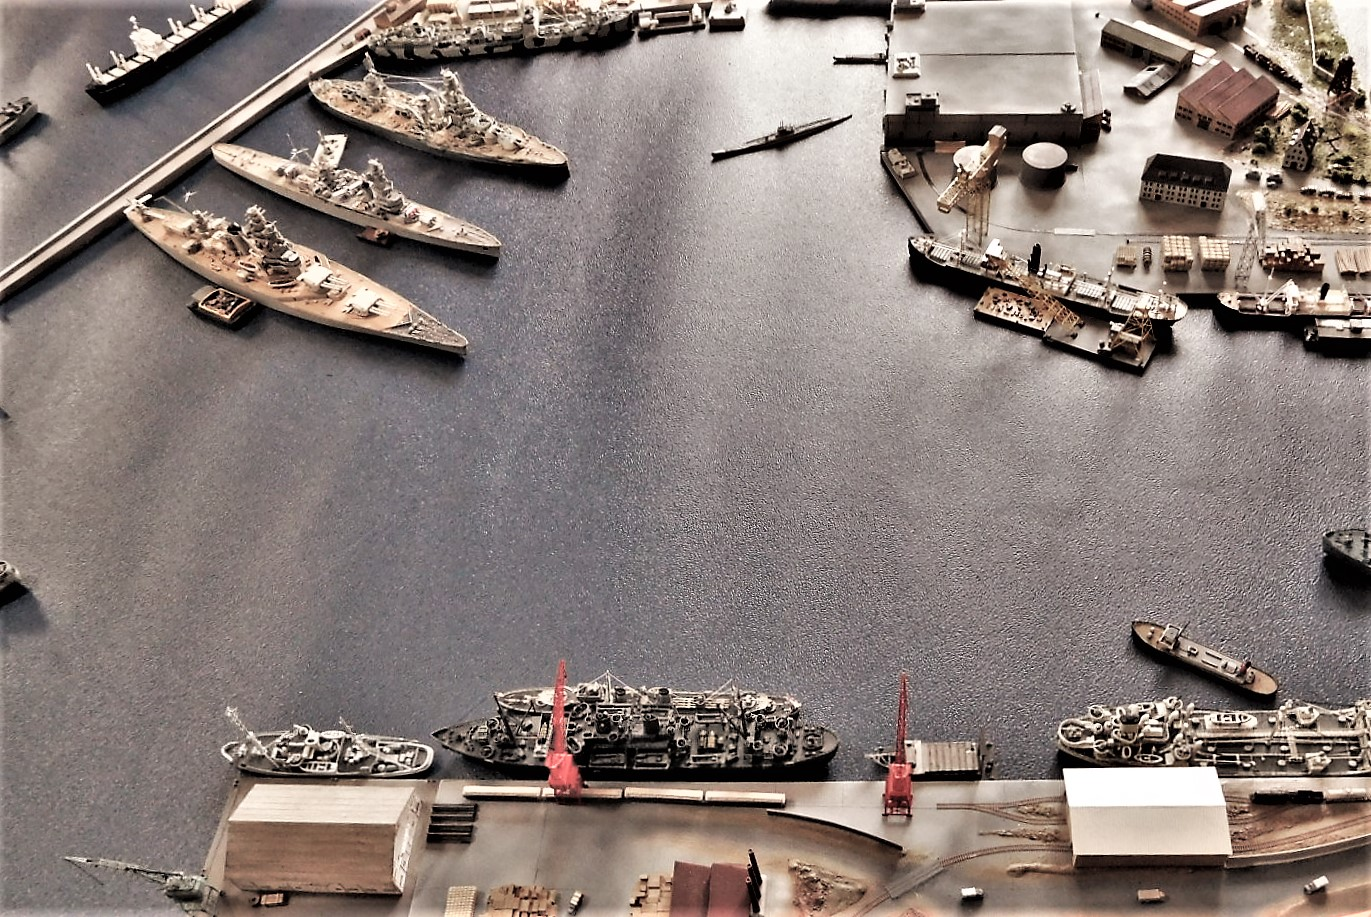 Diorama base navale 1/700 par Nesquik - Page 4 Exmu3Y